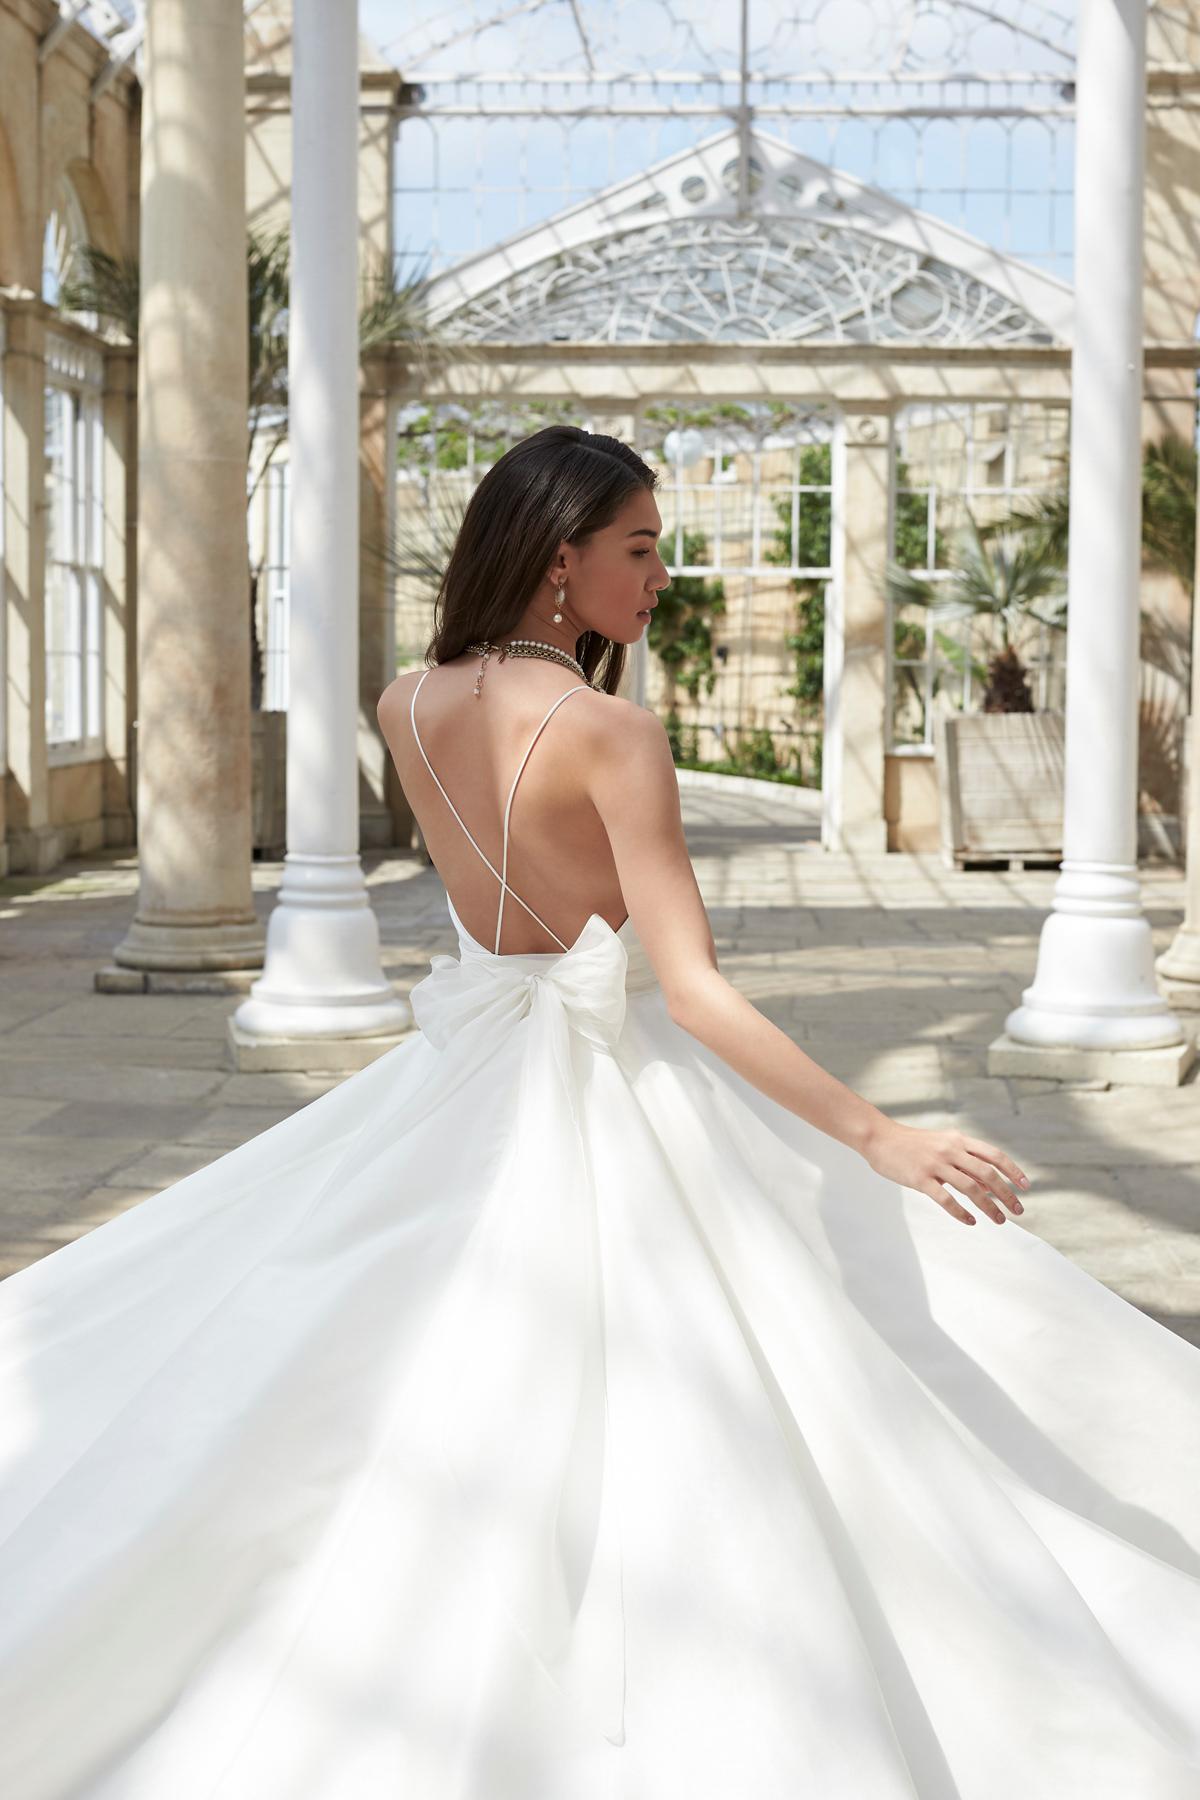 Si Holford Twenty17 Fierce Fashion Forward Wedding Dresses Bridal Beauty